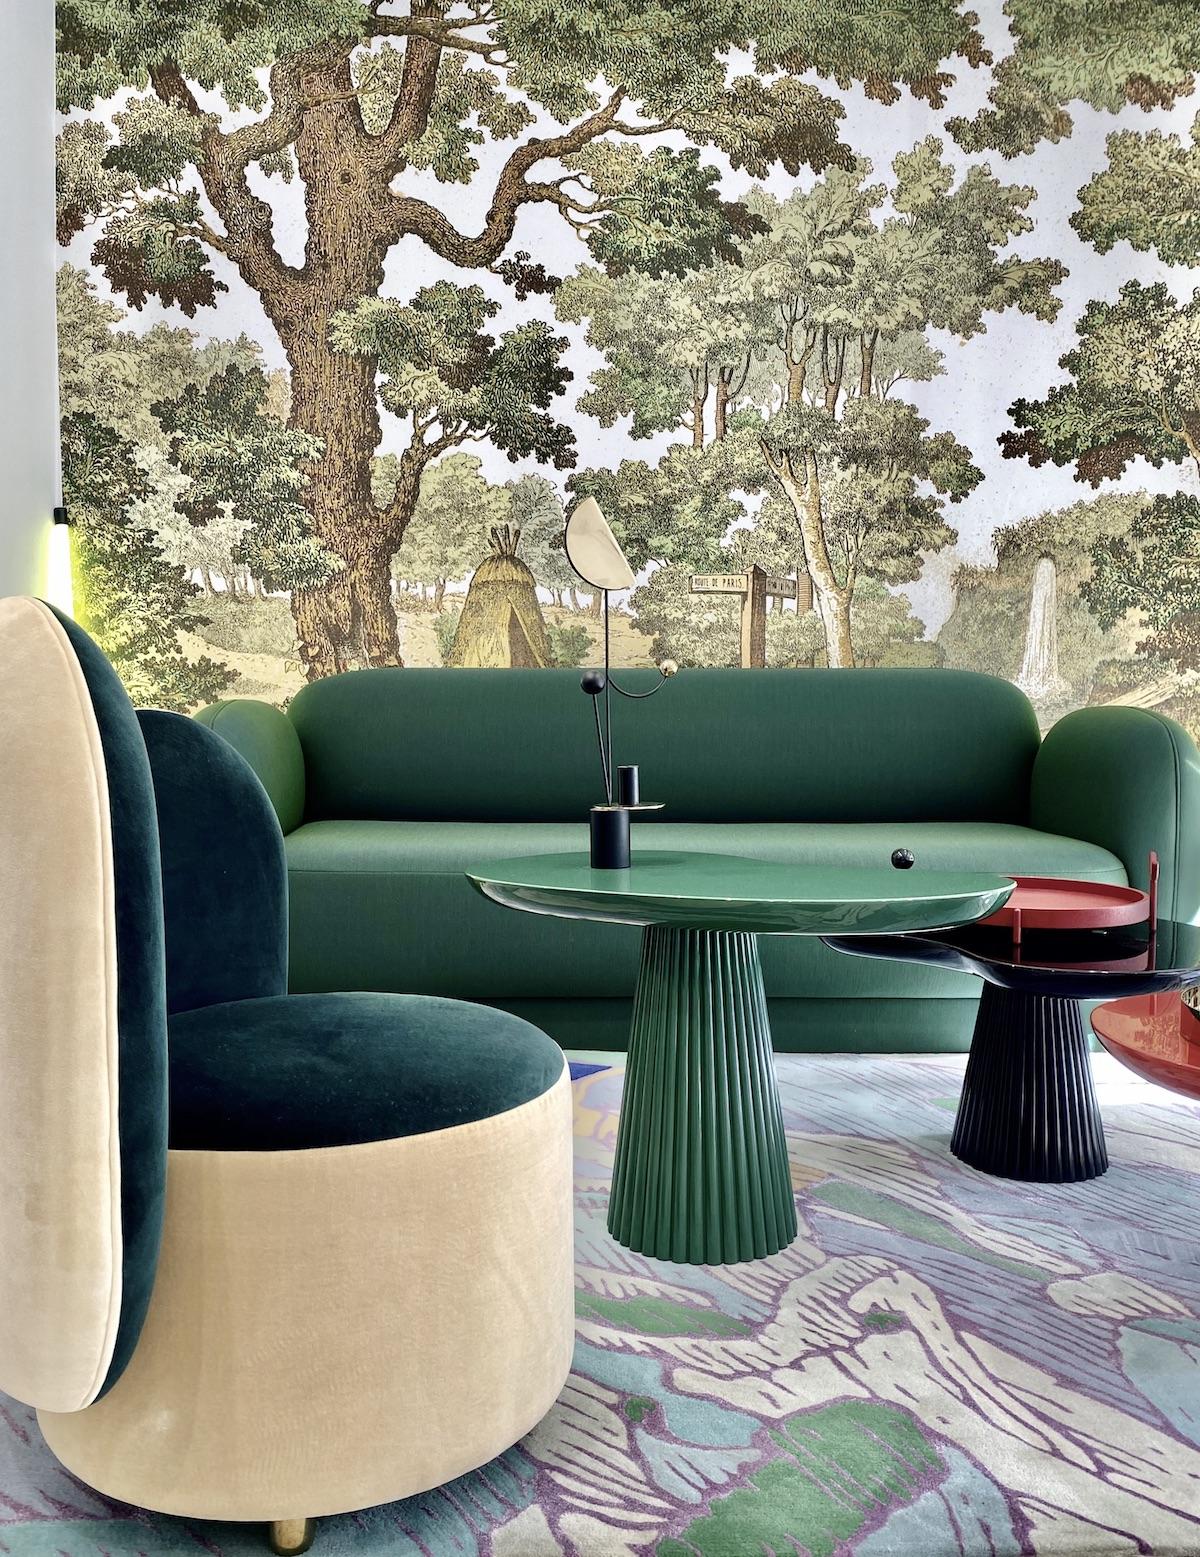 salon canapé rond velours vert papier peint arbre table céramique Memphis - blog déco - clemaroundthecorner